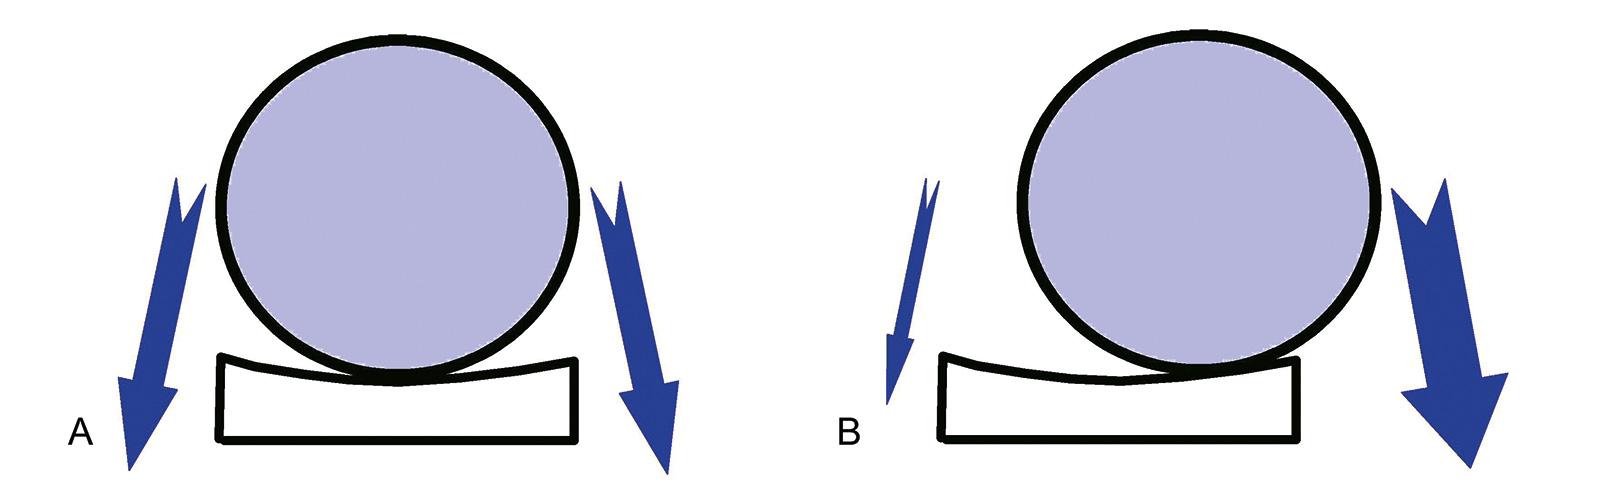 Abb. 1-57: Ein asymmetrischer Muskelzug führt zu einer exzentrischen Belastung der Glenoidkomponente